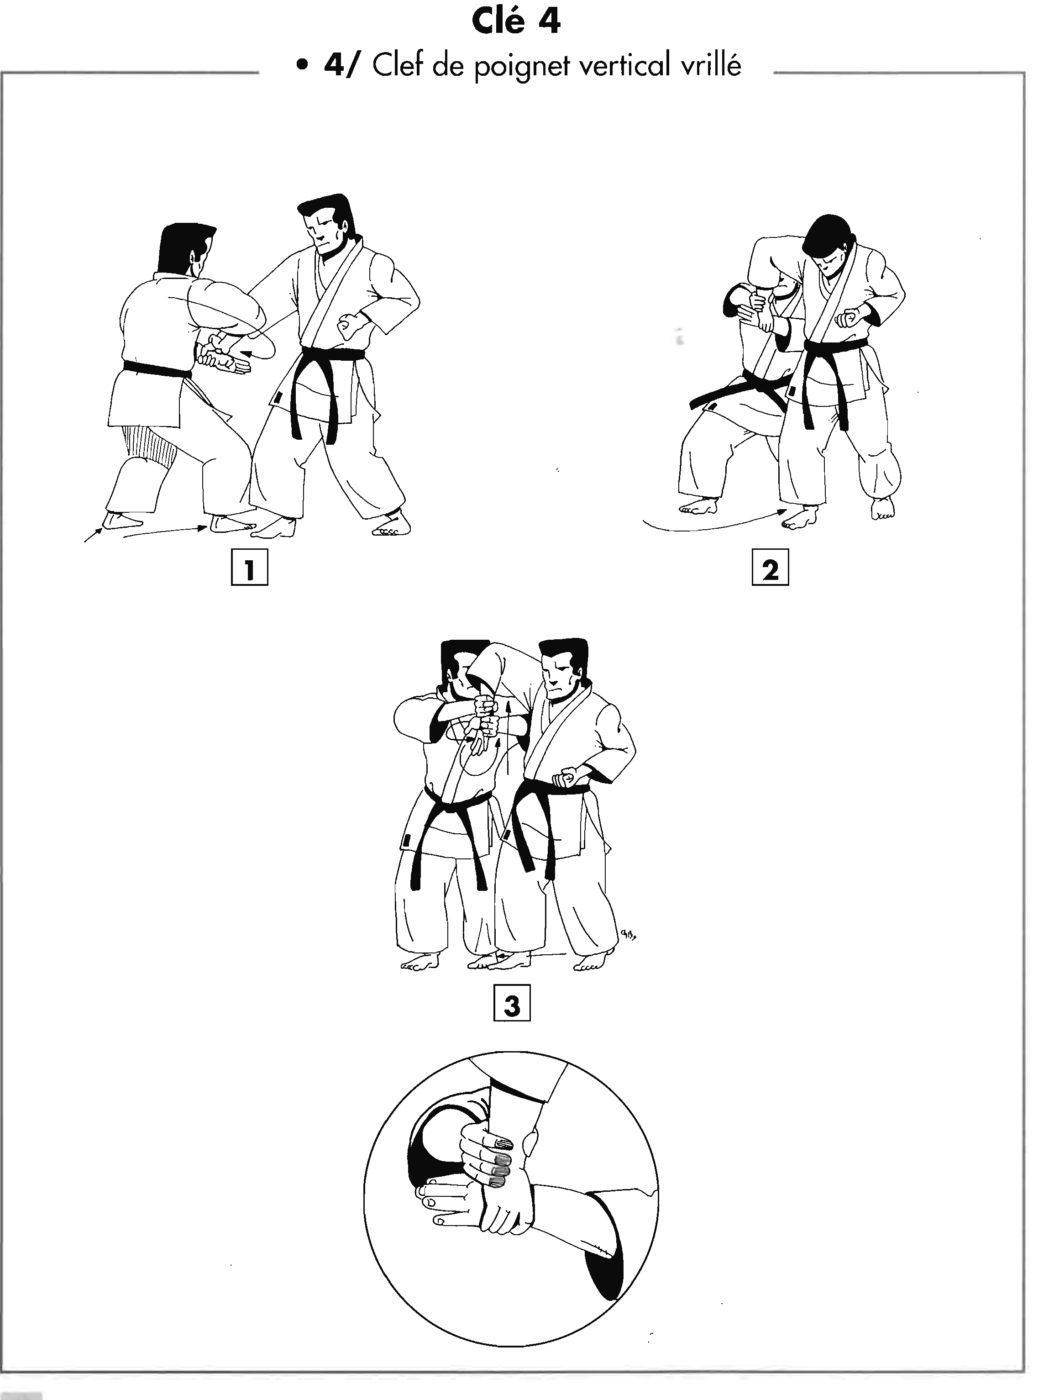 Clé : yuki shigae – clé de poignet vertical vrillé